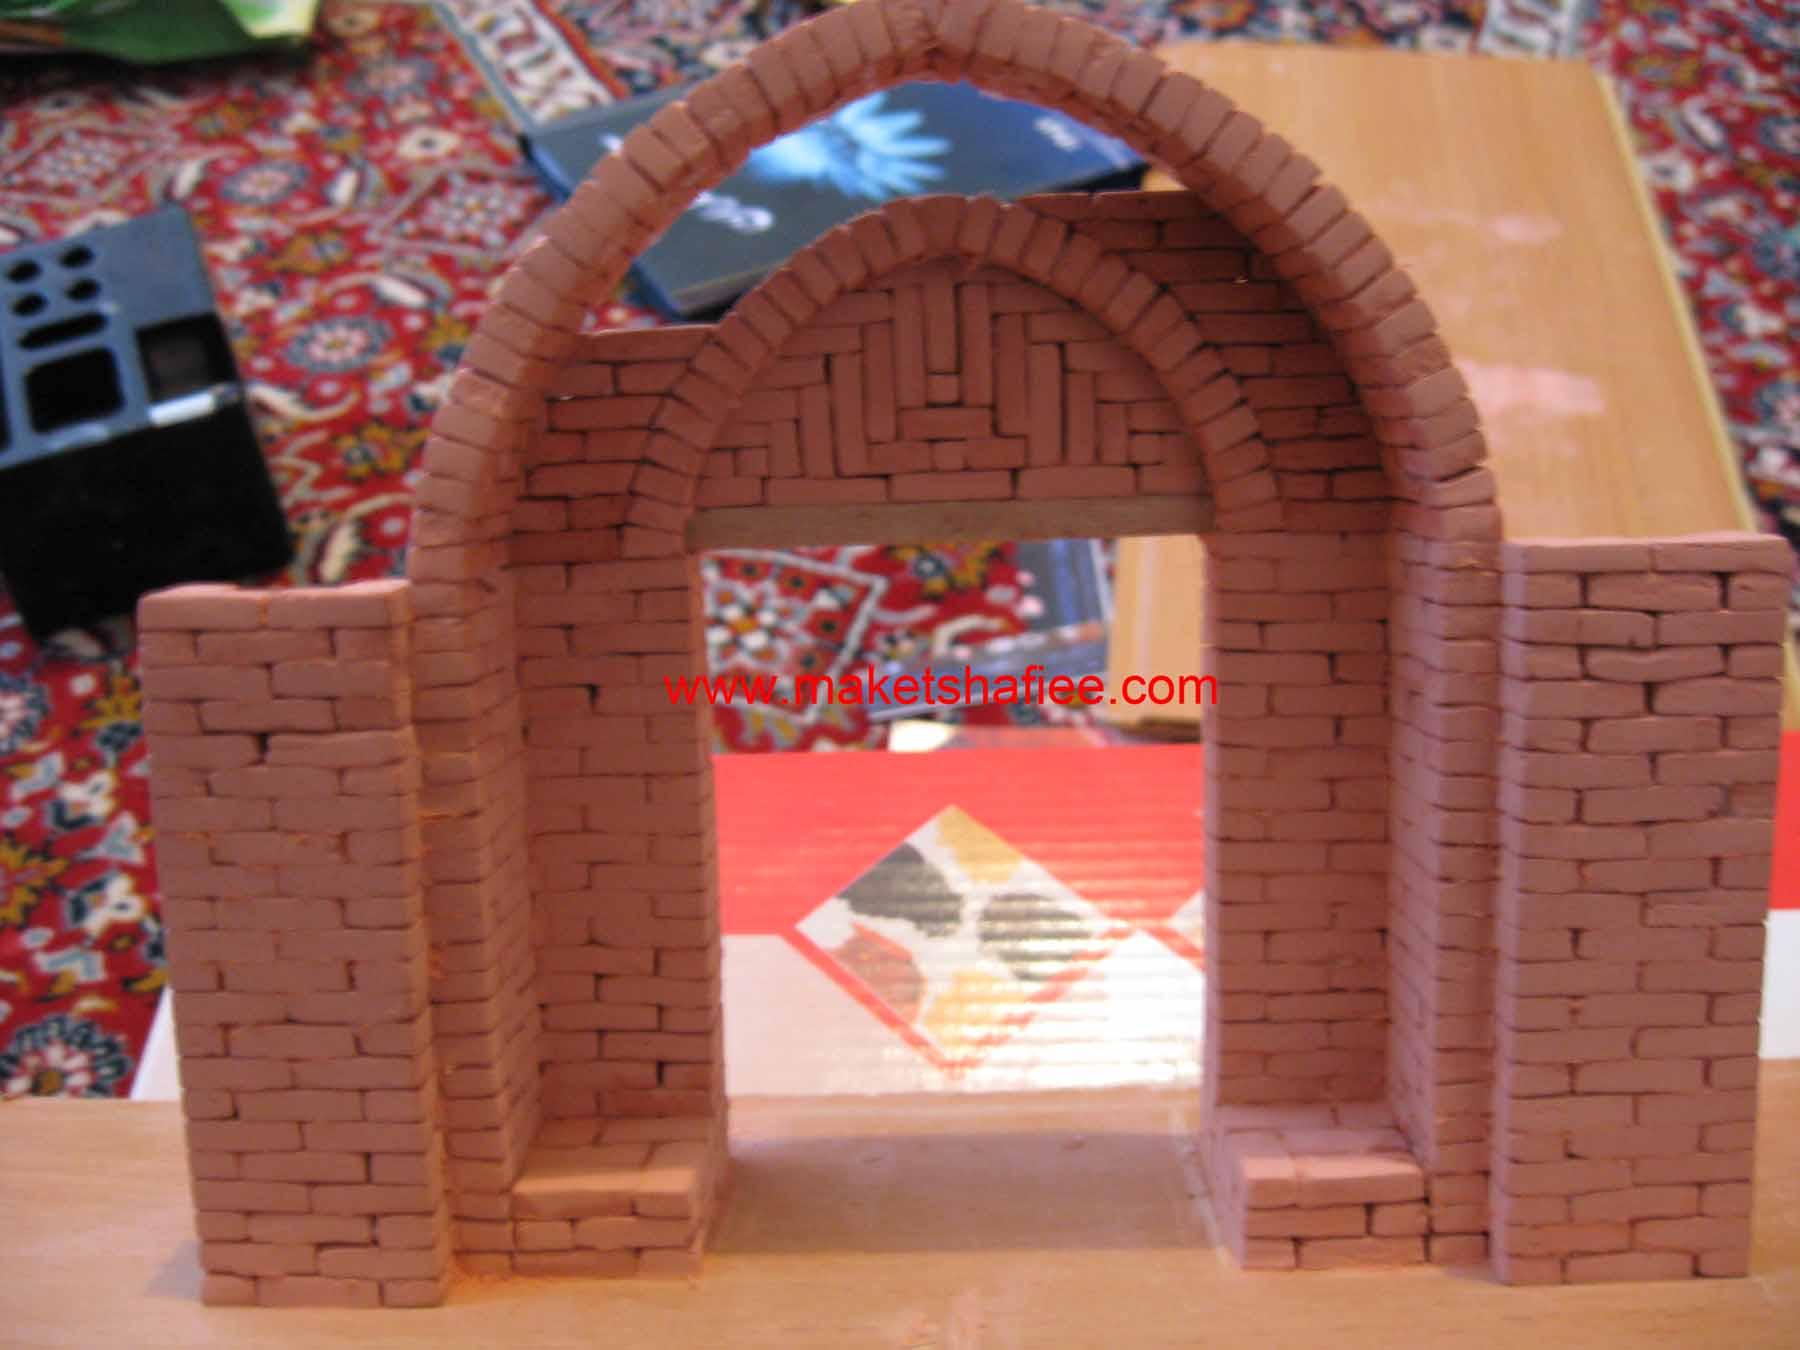 بنای تاریخی ساخت ماکت با مقوا آموزش ساخت ماکت (بناهای قدیمی ، گلی) - ماکت ها و شیت ها ...